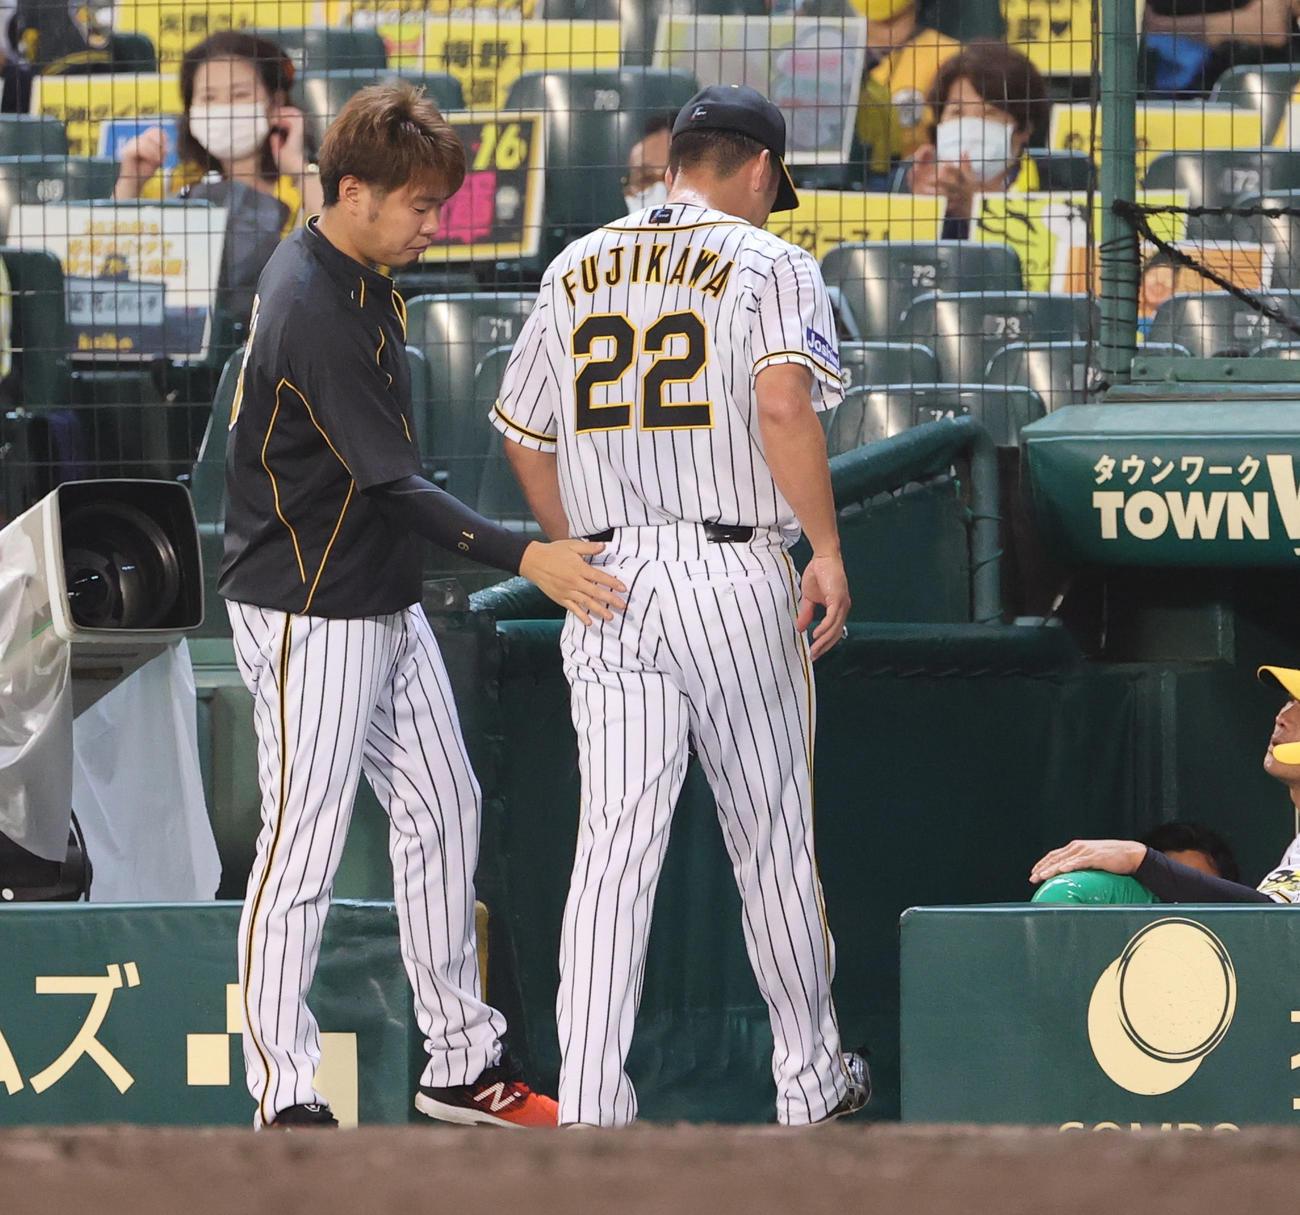 阪神対DeNA 9回表DeNA1死一塁、ソトに勝ち越しの2点本塁打を浴び降板となった藤川球児(右)を出迎える西勇(撮影・清水貴仁)